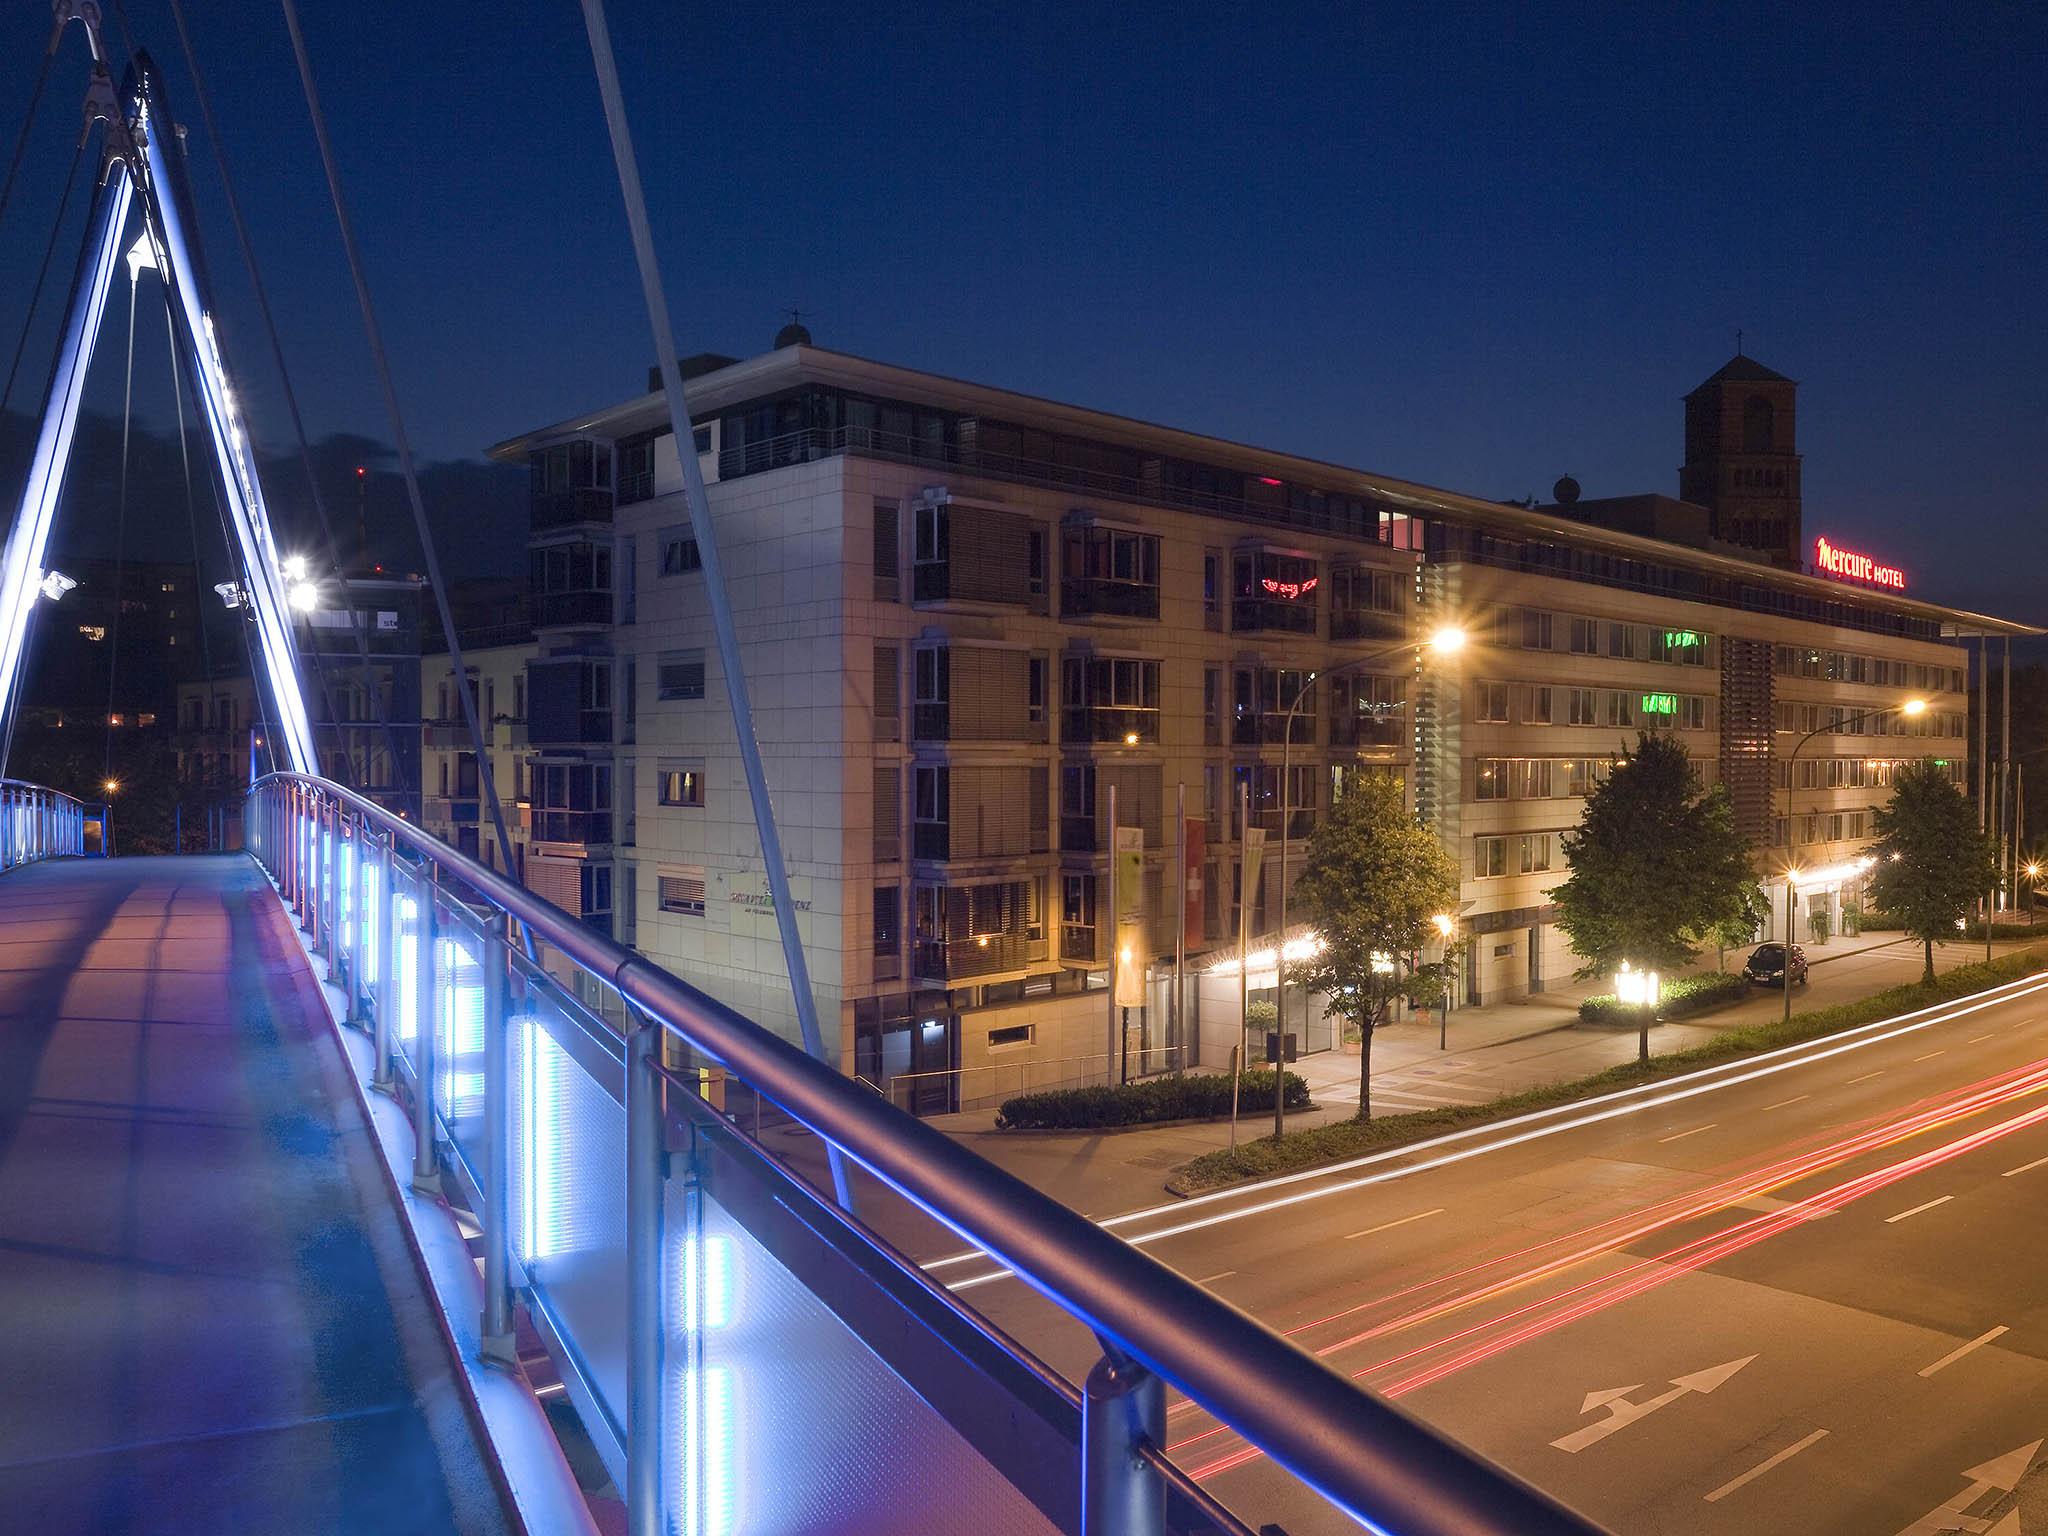 โรงแรม – Mercure Hotel Plaza Essen